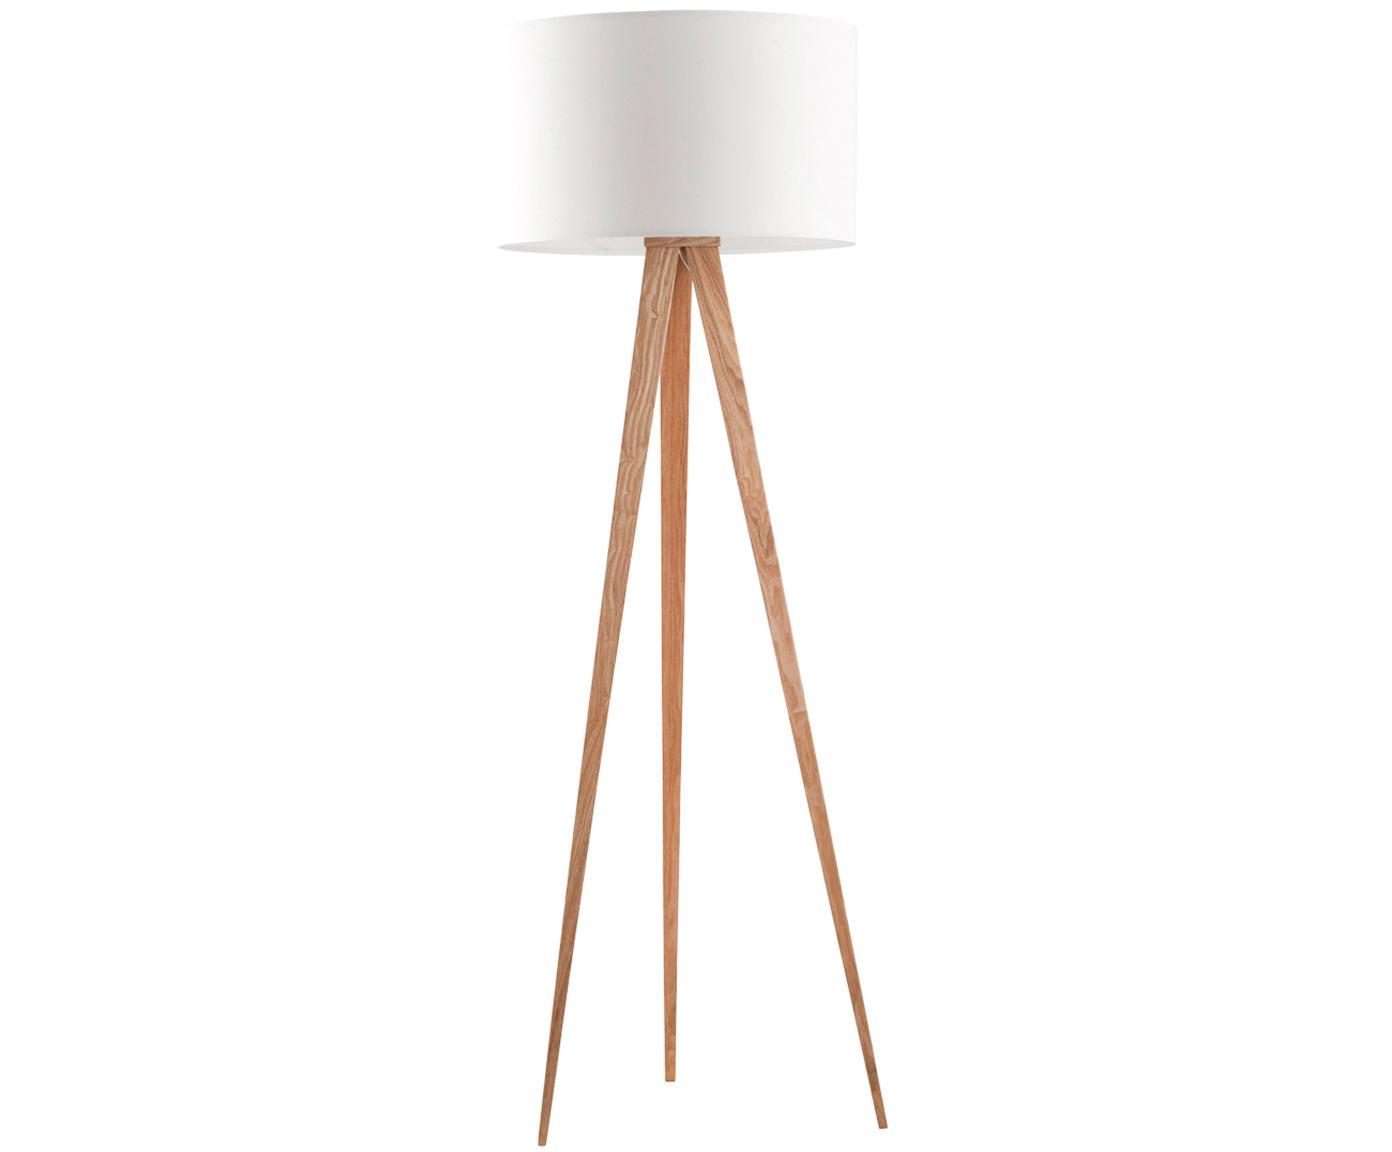 Lampa podłogowa Tripod, Biały, fornir dębowy, Ø 50 x W 157 cm